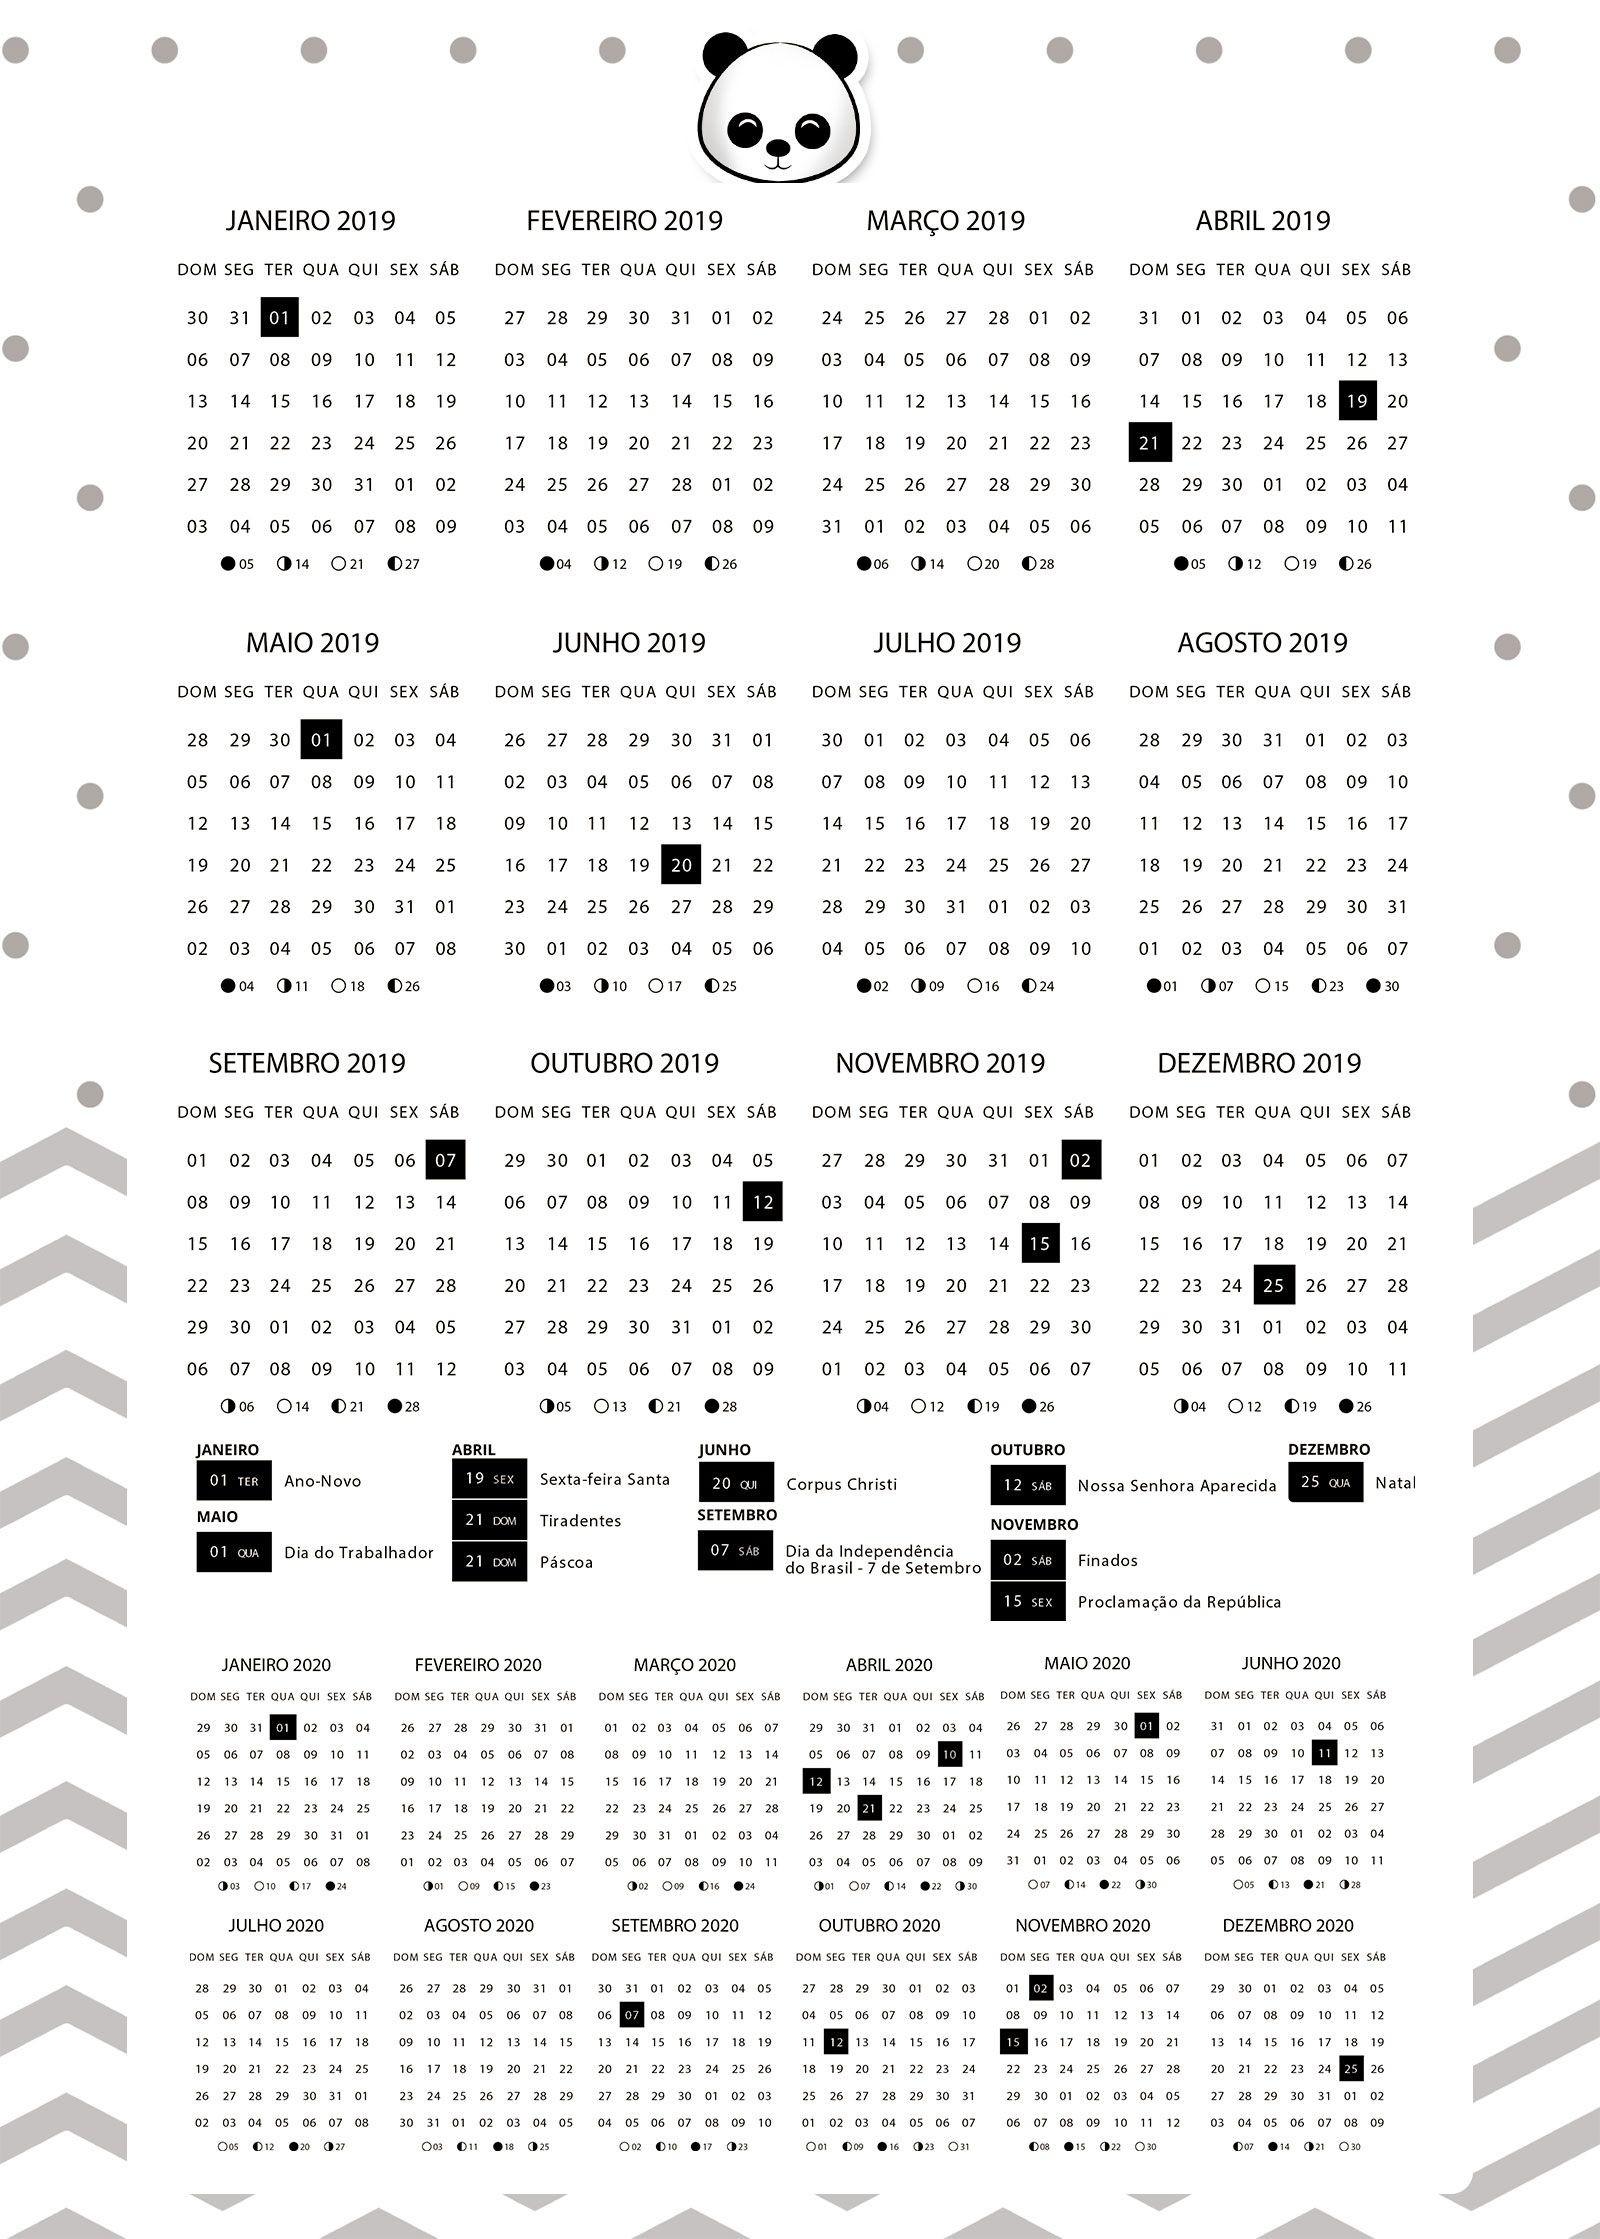 Calendario 2020 Portugues Com Feriados.Feriados Brasileiros 2020 Psychologyarticles Info